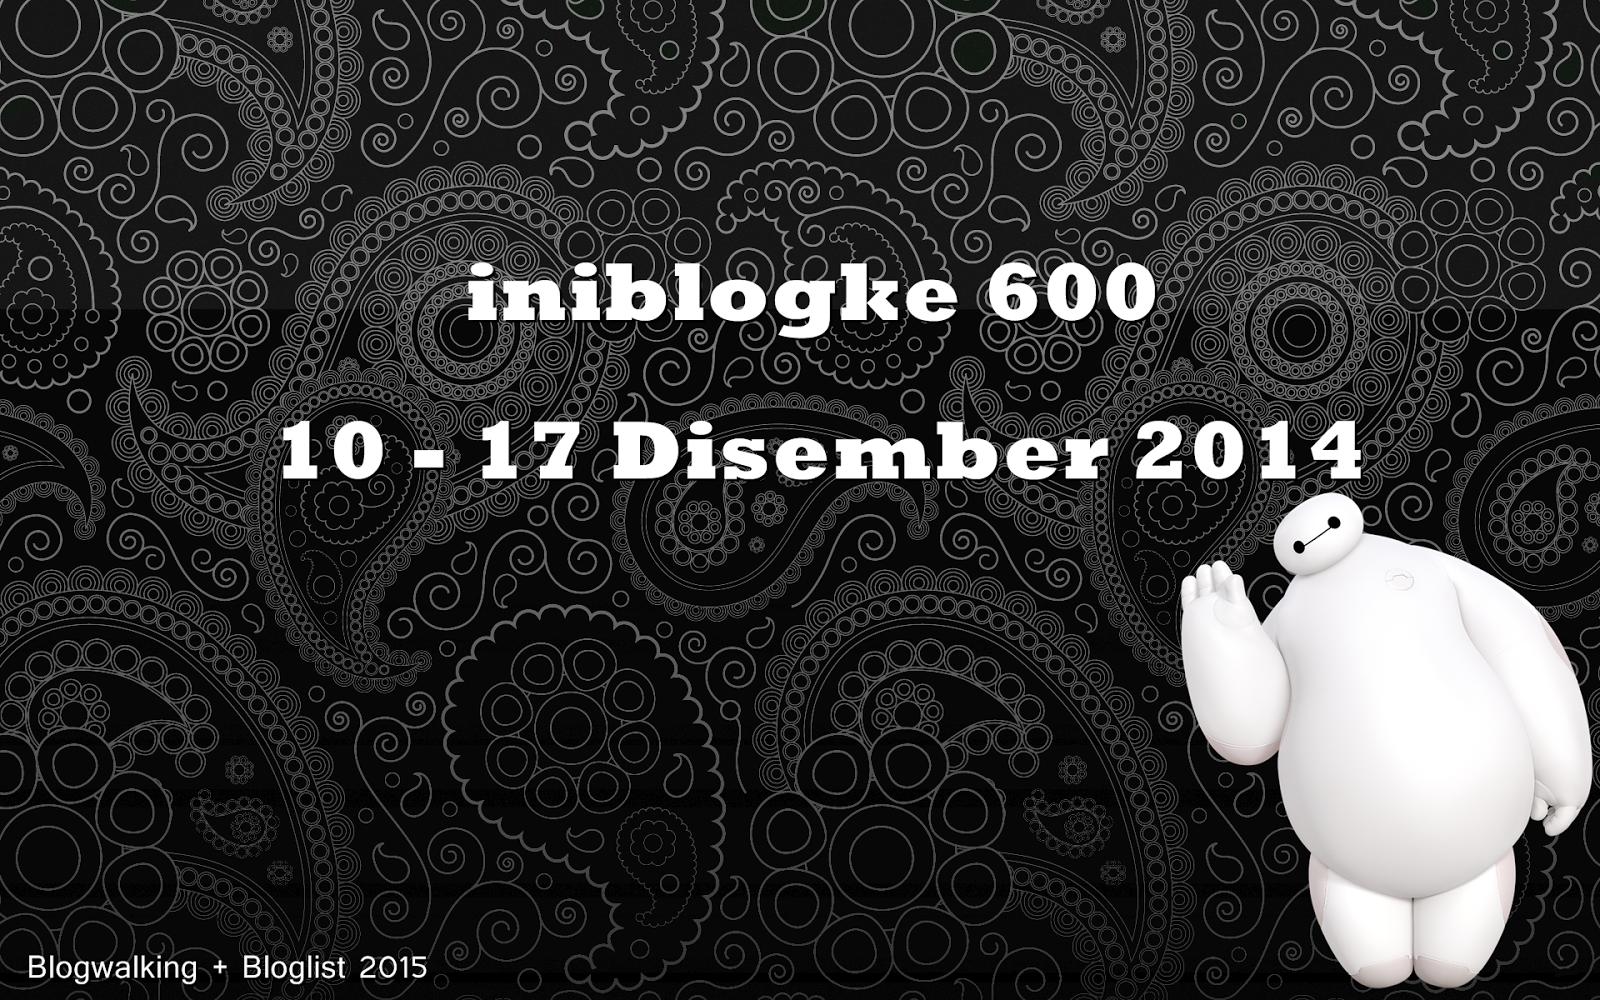 http://iniblogke.blogspot.com/2014/12/iniblogke-600-bloglist.html#.VJFF7cndXYi